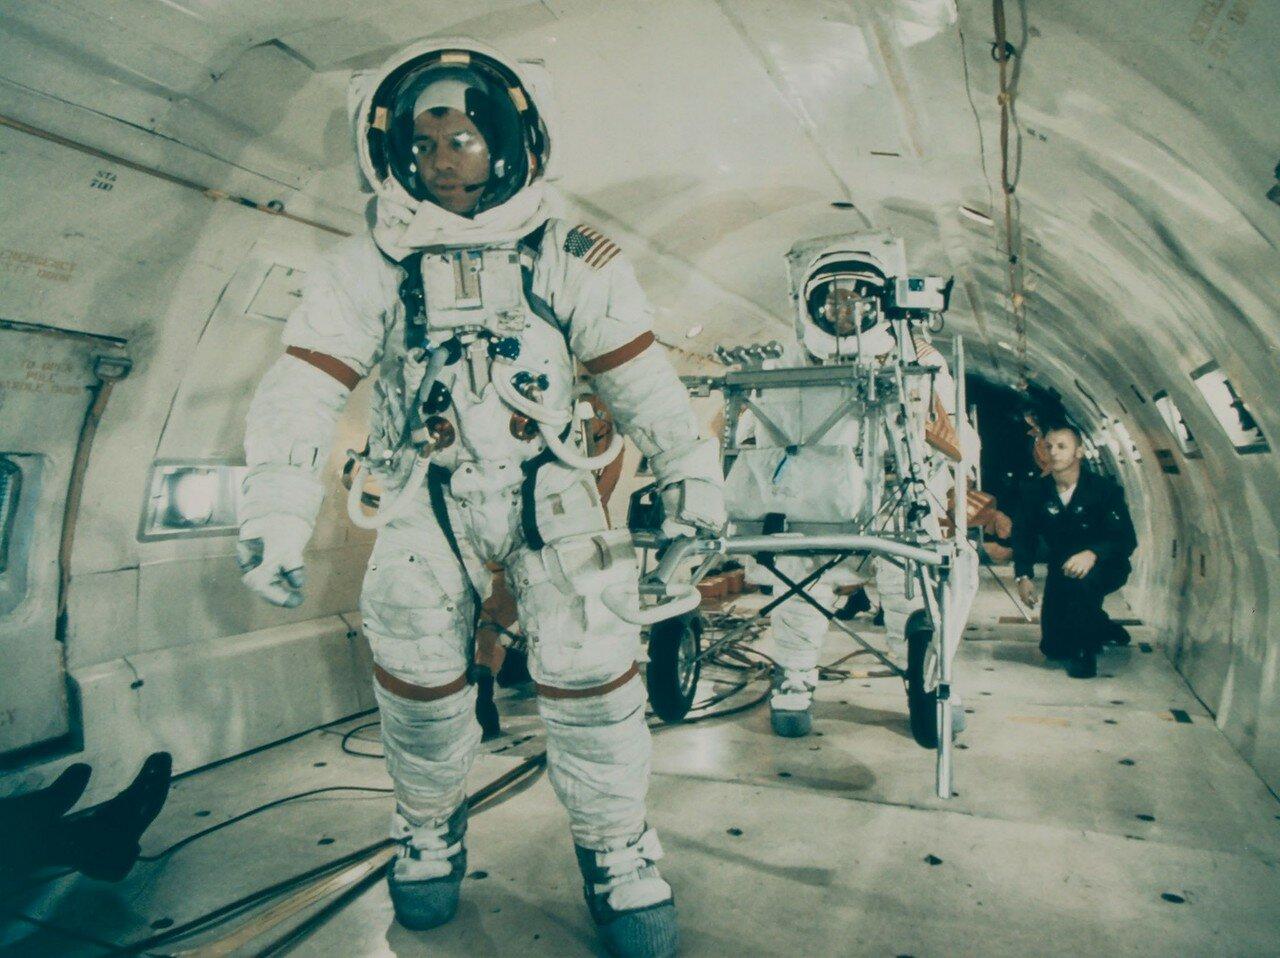 Алан Шепард был наиболее возрастным человеком на то время, выполнявшим космический полёт (47 лет).  Шепард налетал только 15 минут в суборбитальном полёте по программе «Меркурий».На снимке: Алан Шепард тренируется работать в условиях лунной гравитации